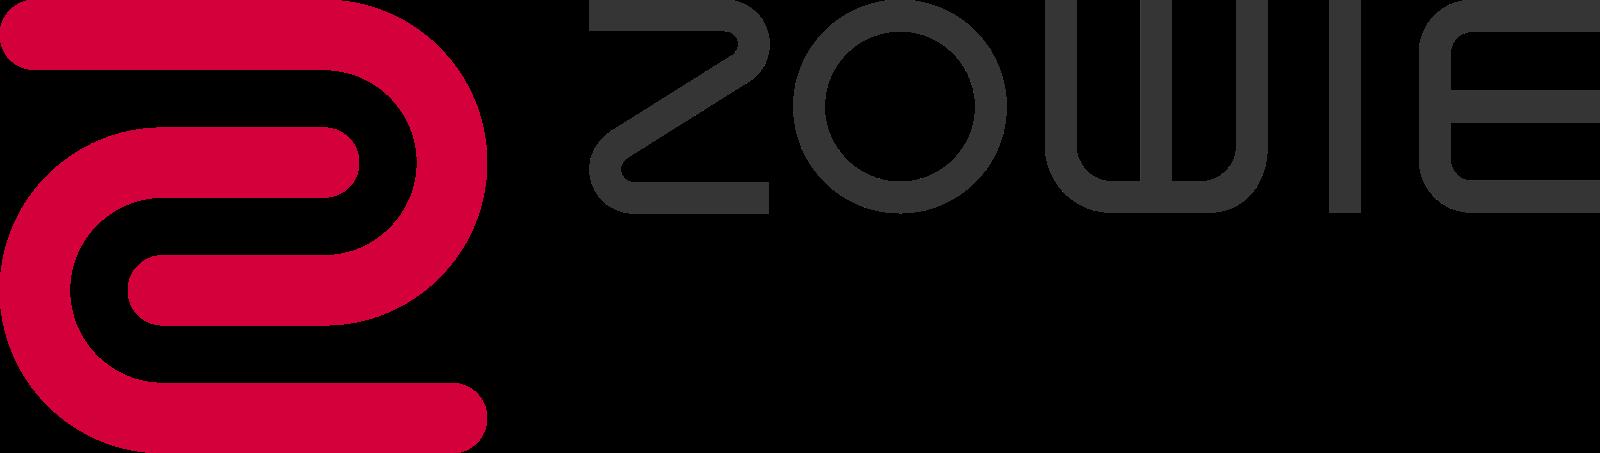 zowie logo 2 - Zowie Logo